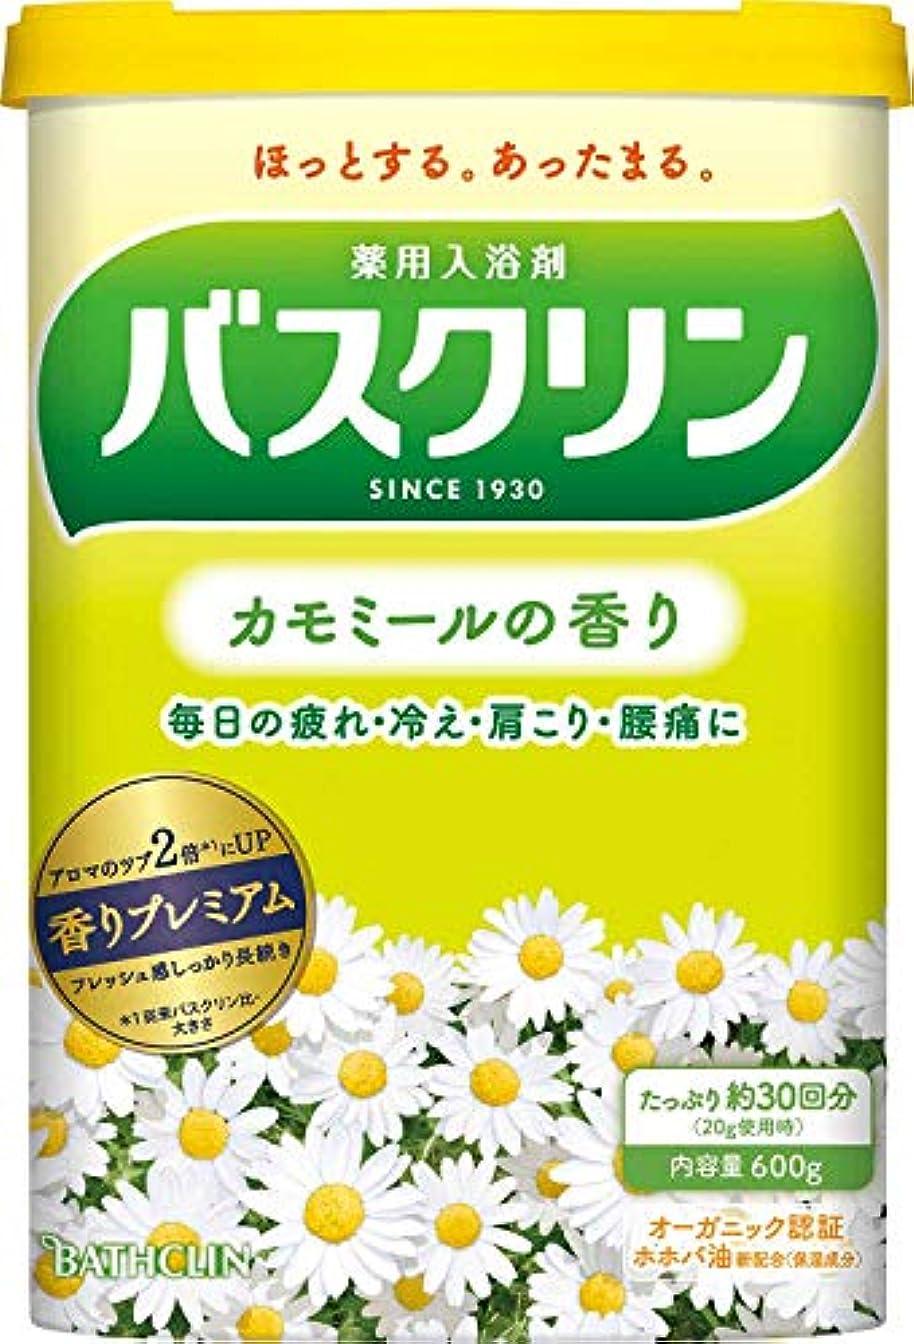 保存する恵み仮装【医薬部外品】バスクリン入浴剤 カモミールの香り600g(約30回分) 疲労回復